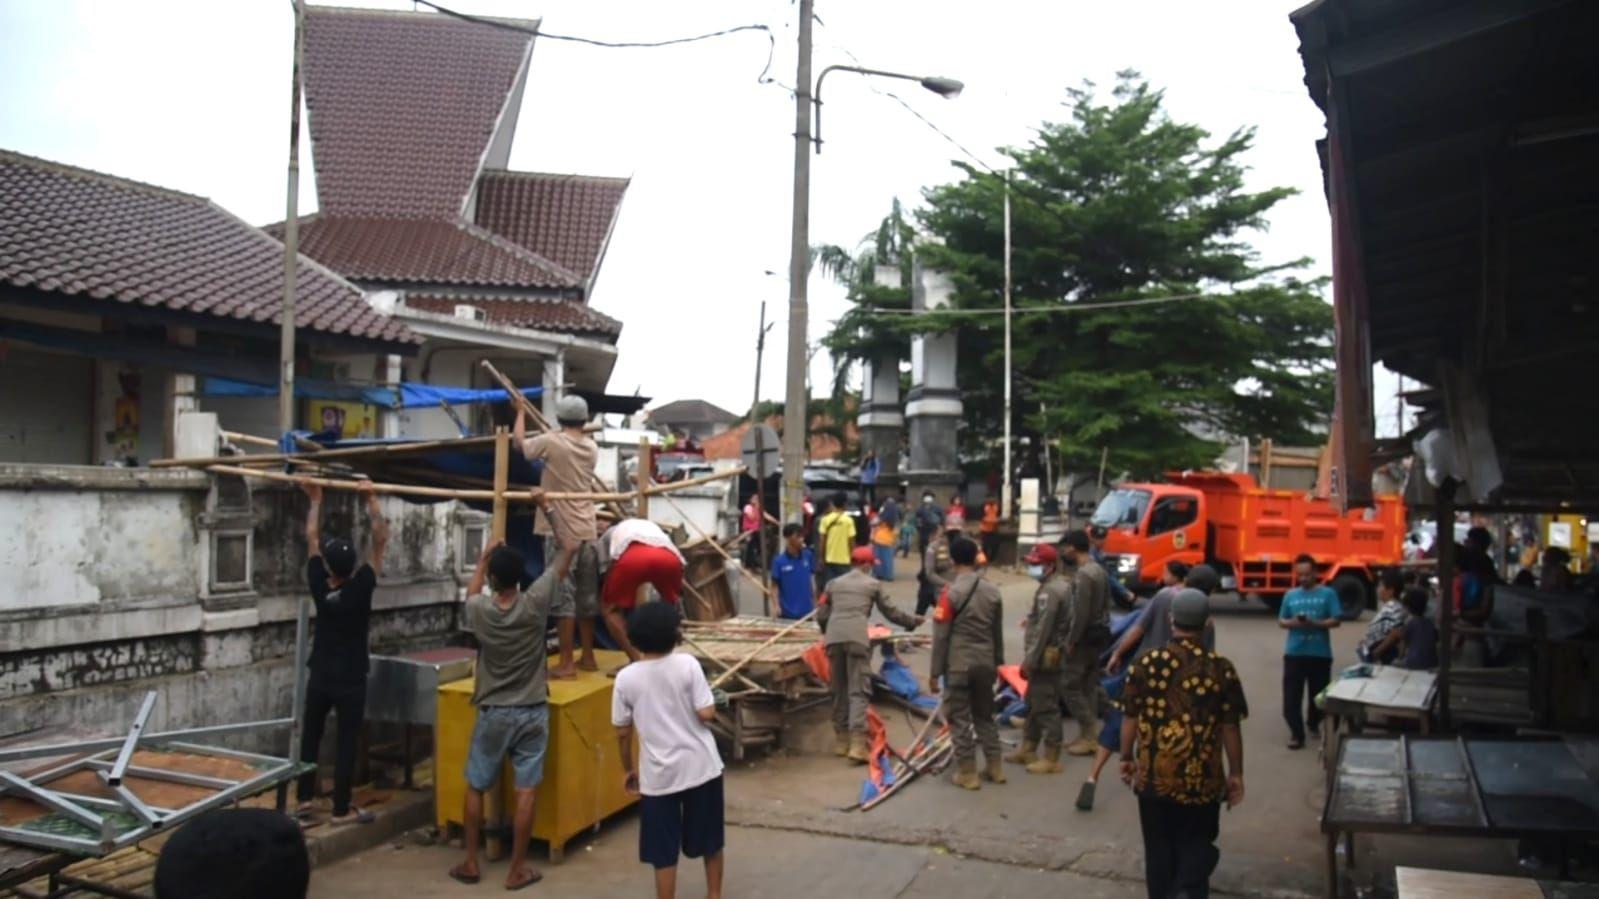 Lihat Kesemrawutan Pasar Leuwipanjang Purwakarta, Dedi Mulyadi Ngamuk Ancam Pidanakan Pedagang